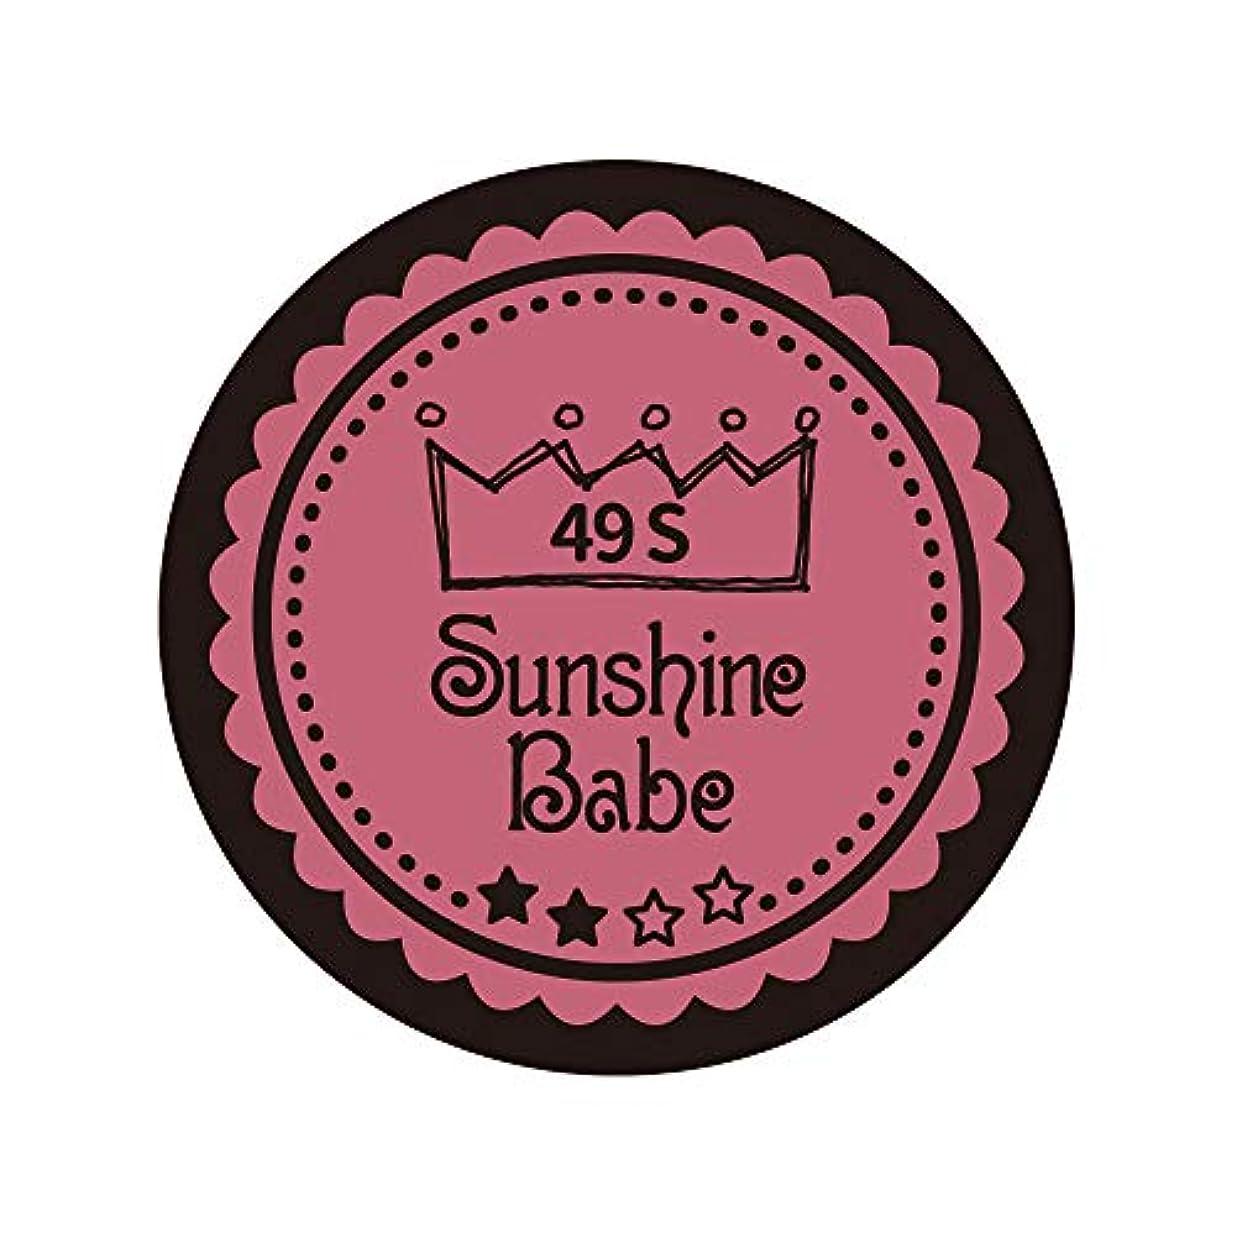 高揚したあいまい明快Sunshine Babe カラージェル 49S カシミアピンク 2.7g UV/LED対応